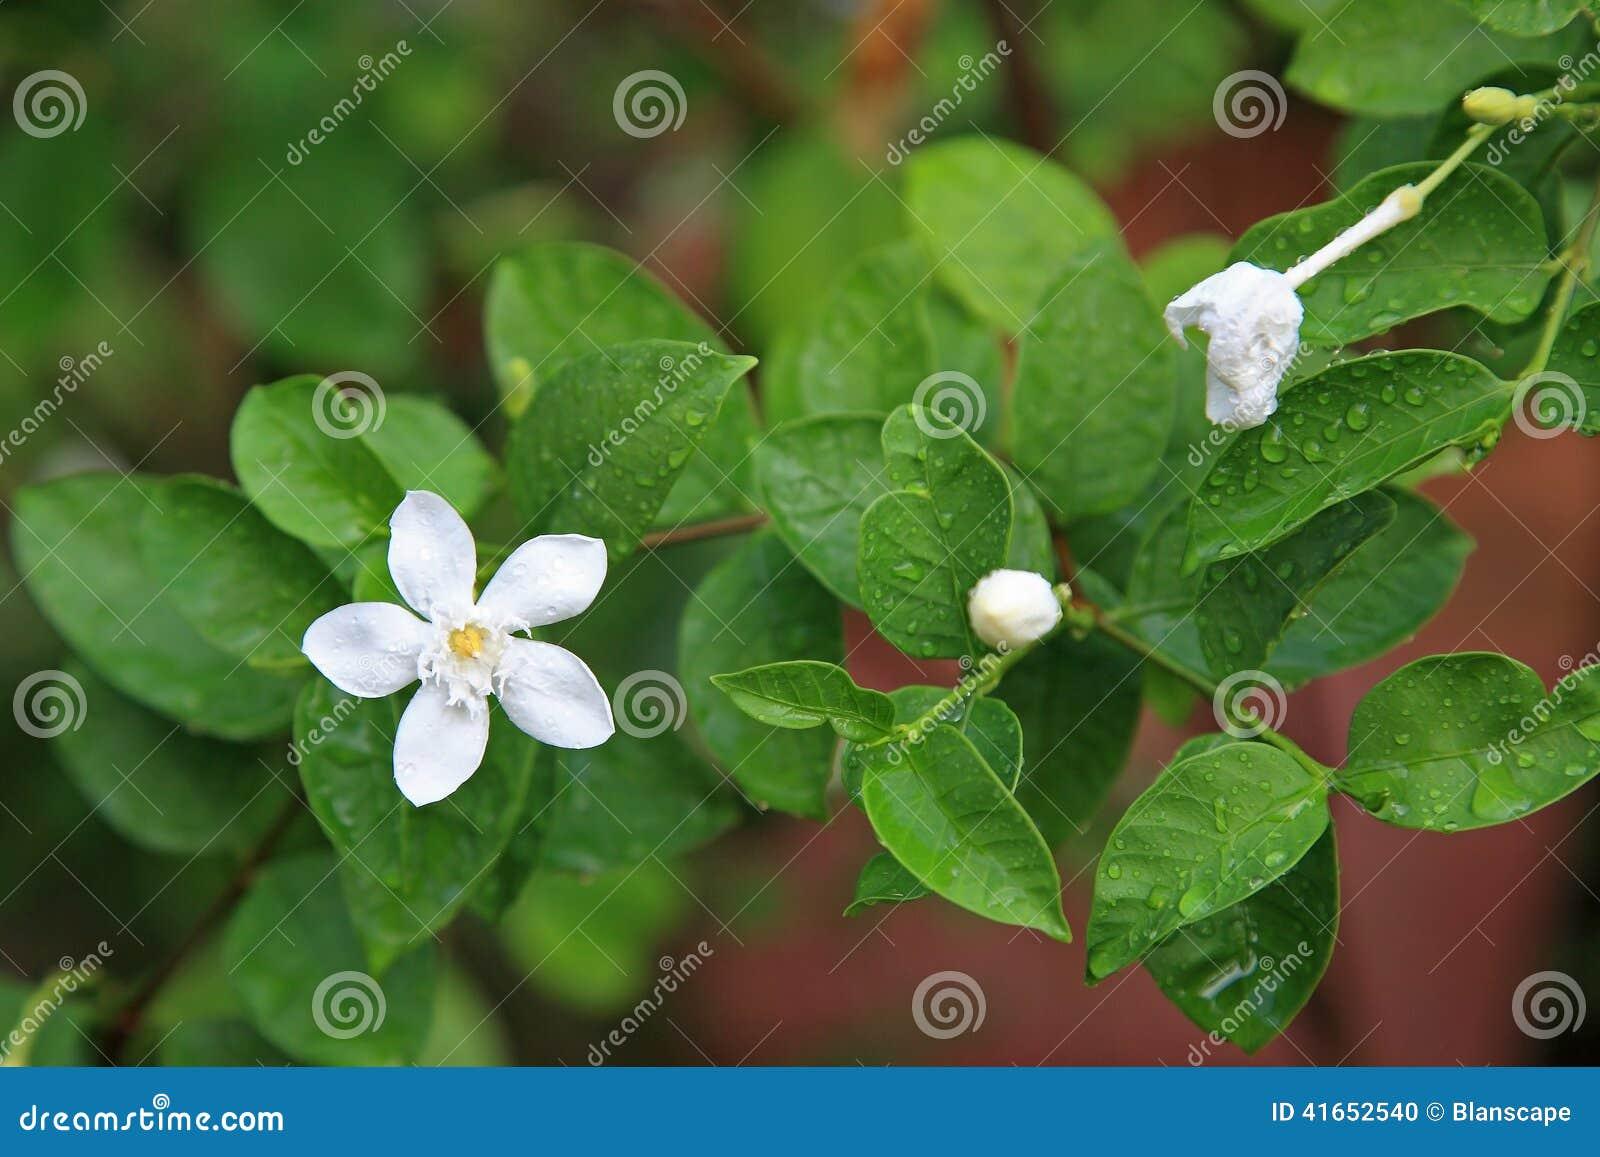 Белый цветок жасмина с дождевыми каплями